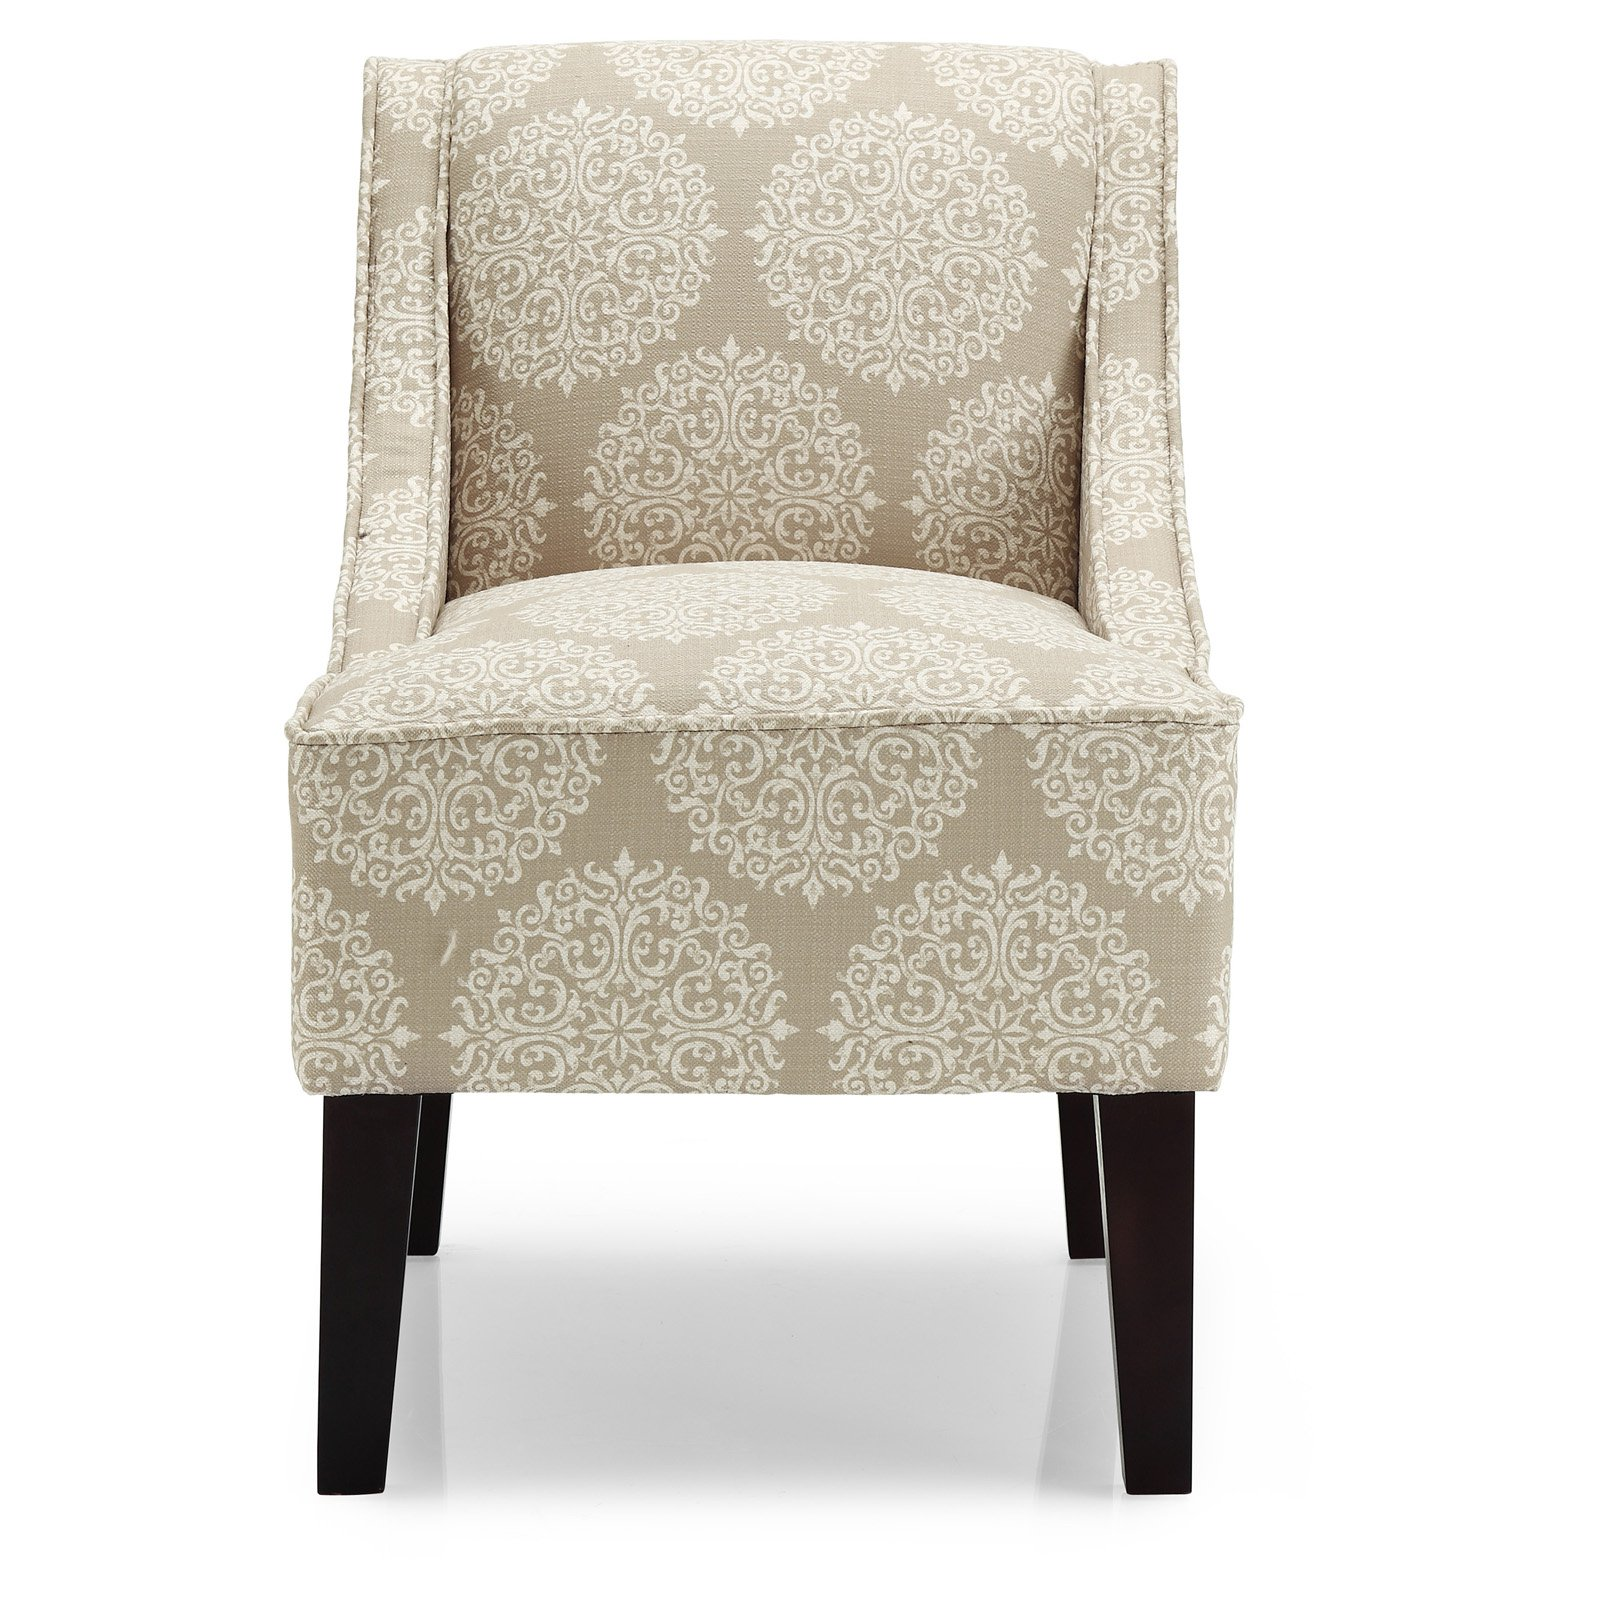 Marlow Accent Gabrielle Chair